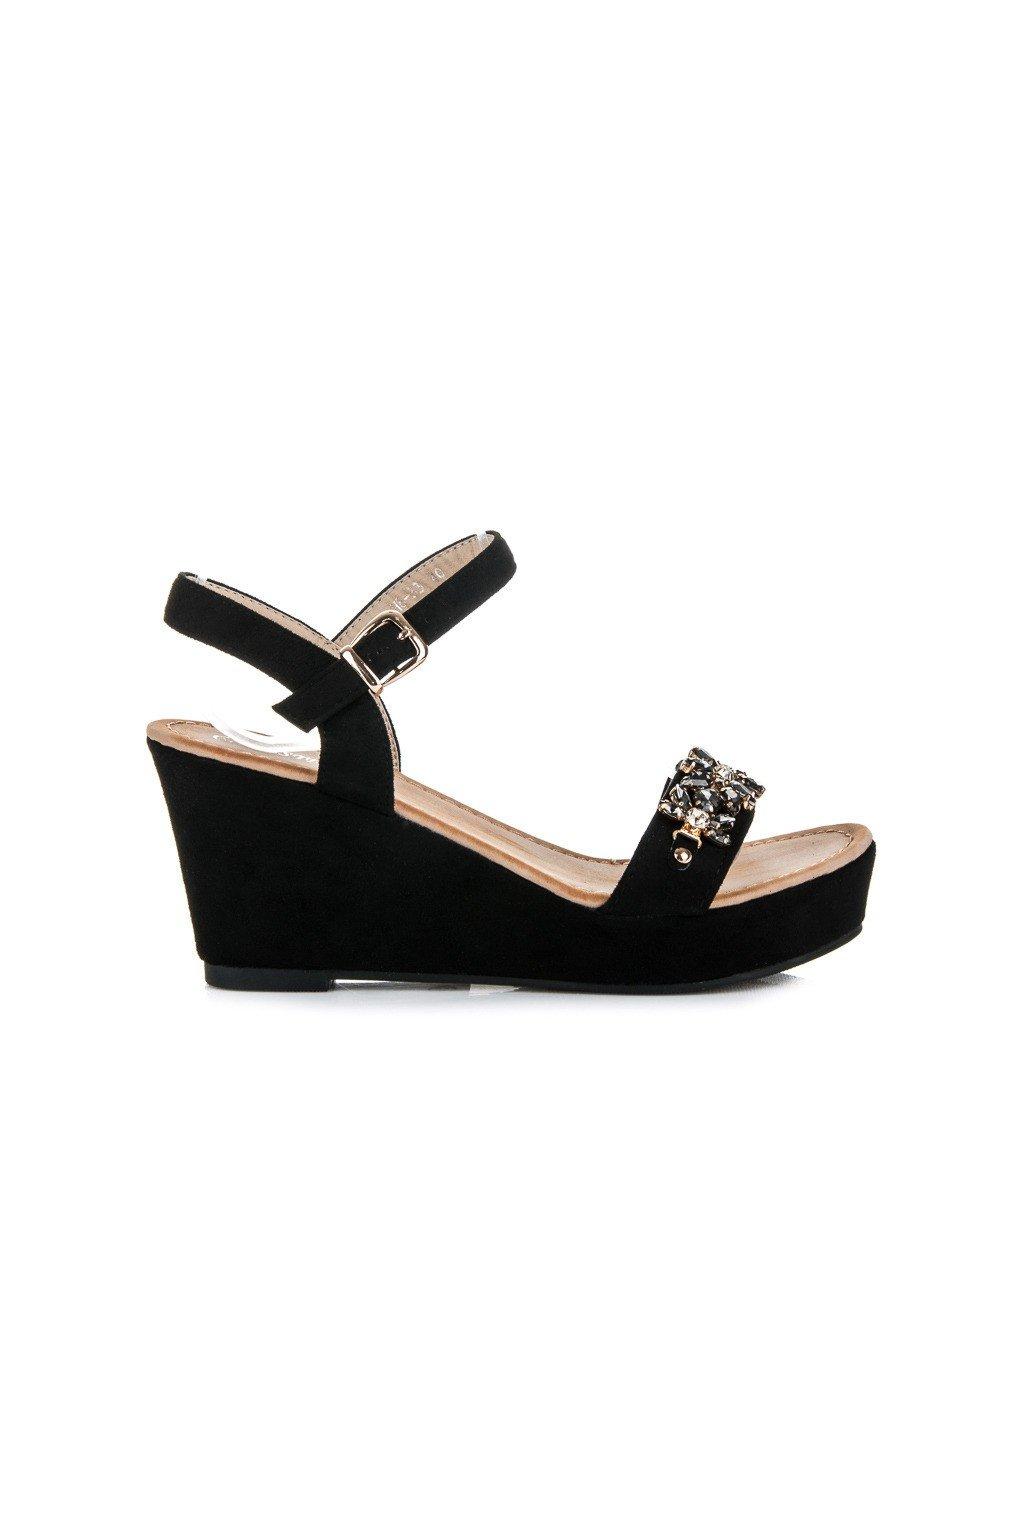 Čierne sandále s kamienkami H8-33B